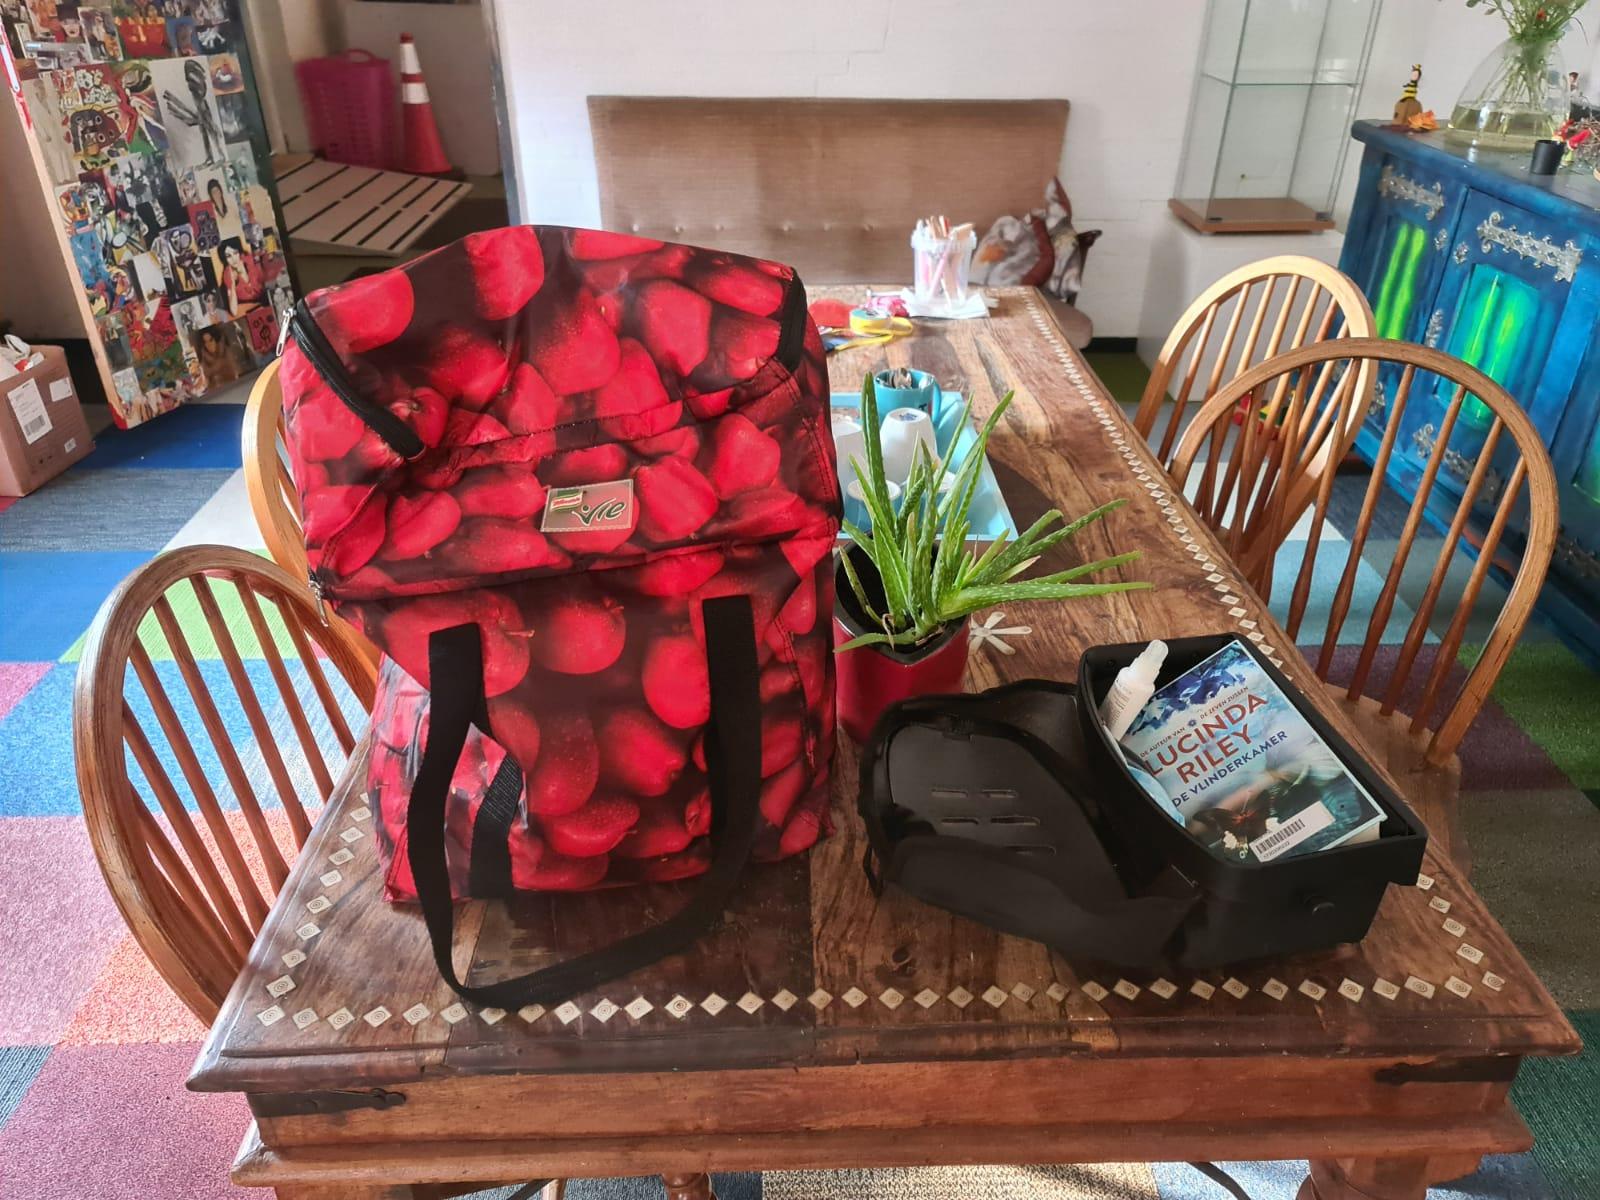 Tas met zwemspullen en boek gevonden